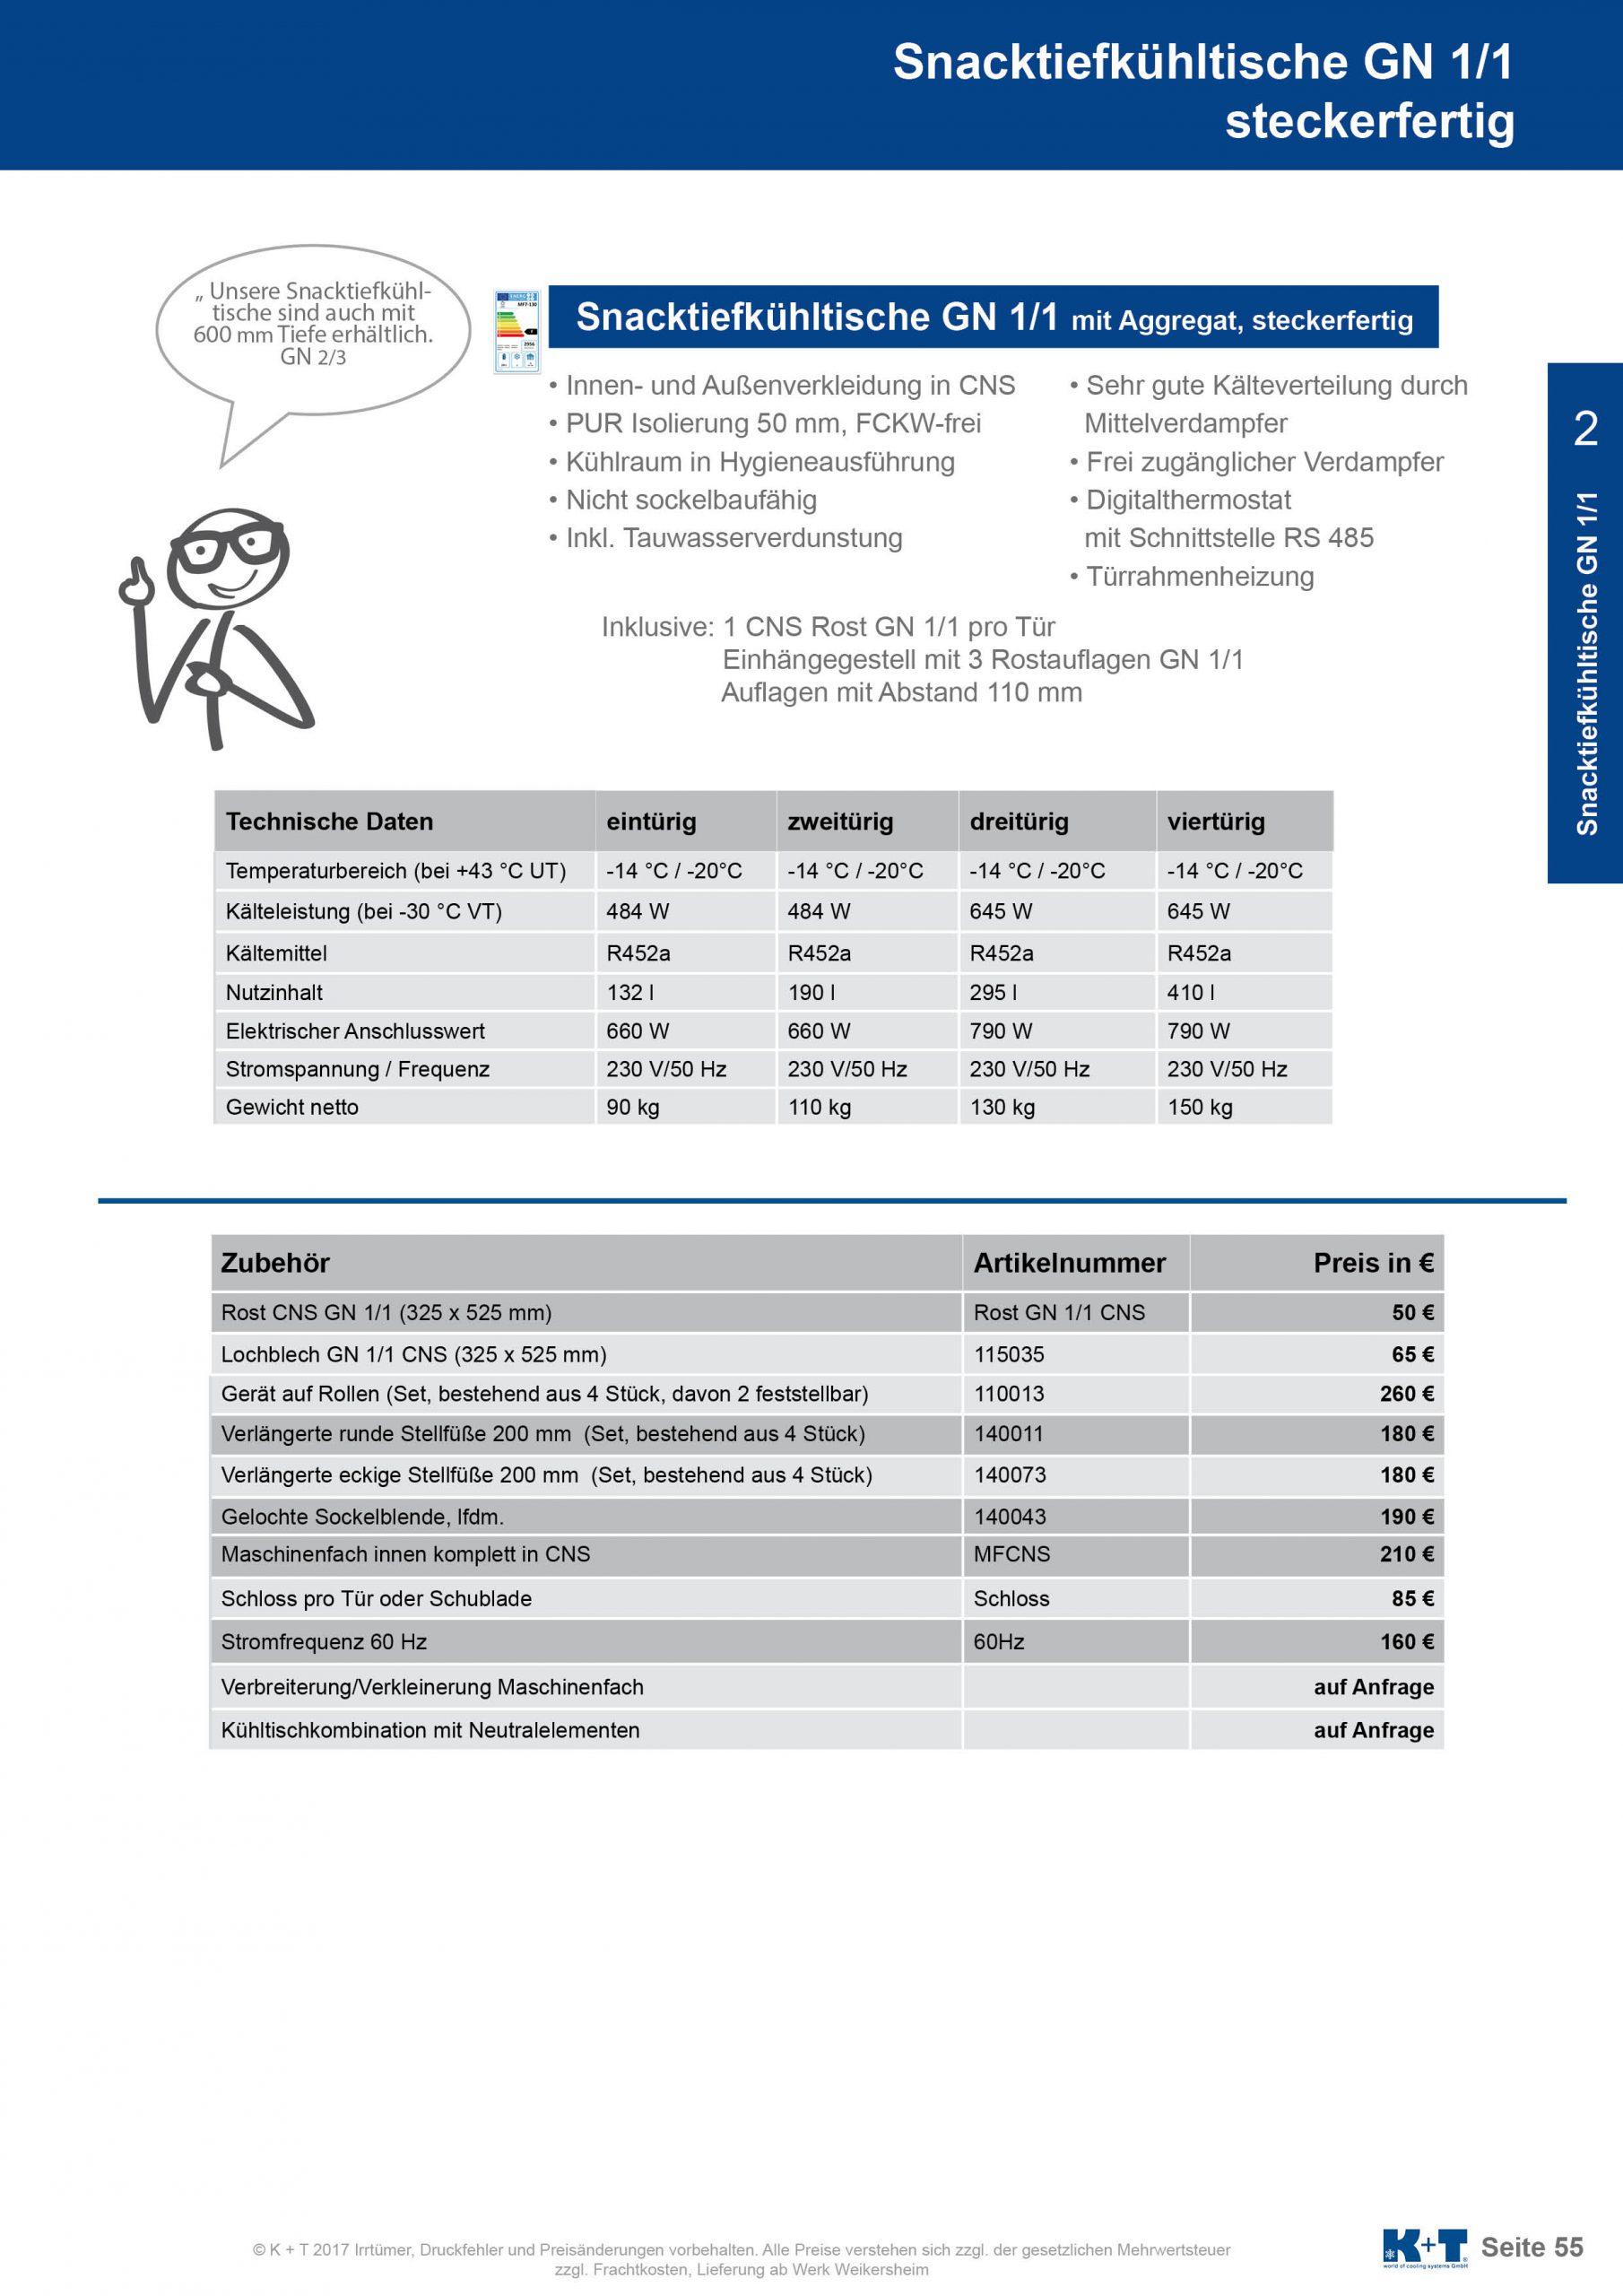 Snacktiefkühltisch GN 1_1 steckerfertig 2